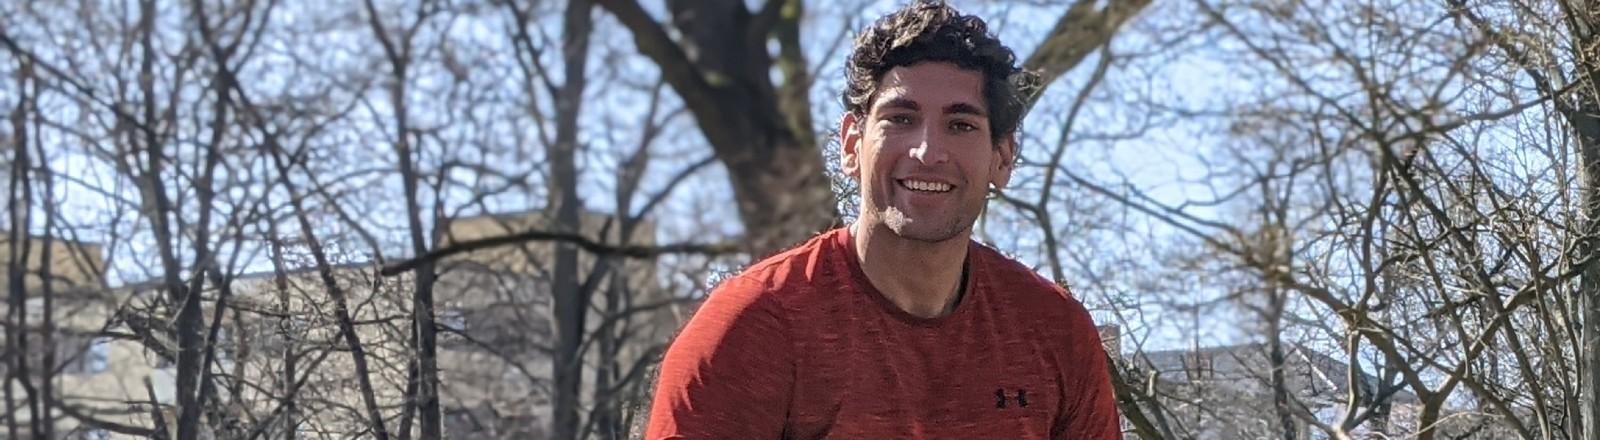 Sportwissenschaftler Gino Singh auf einer Mauer